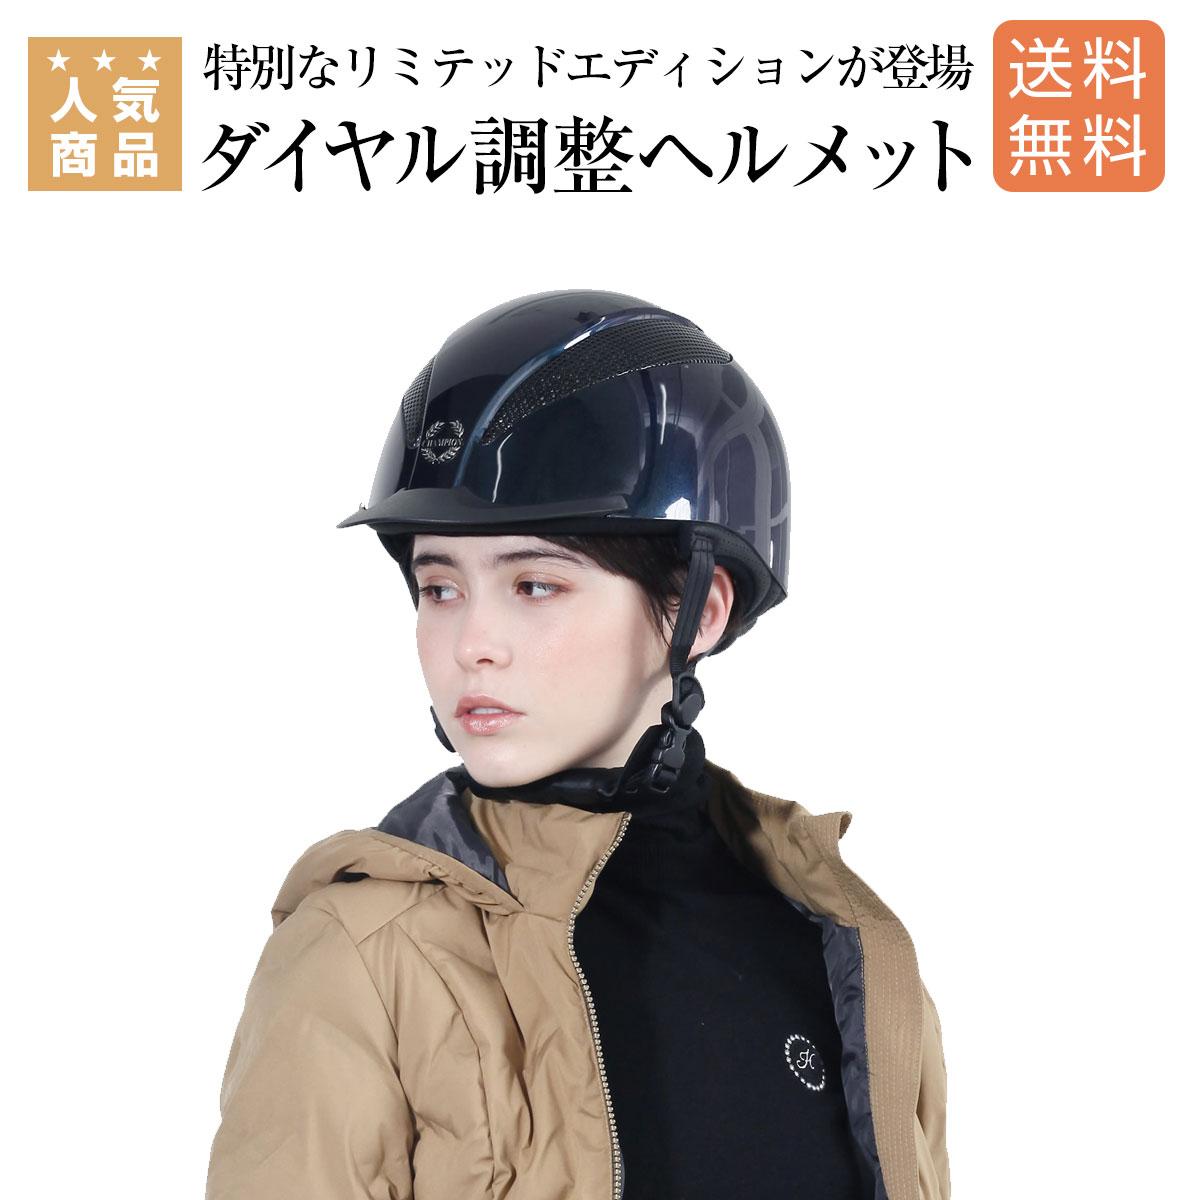 【月間優良ショップ】乗馬 ヘルメット プロテクター 乗馬帽 帽子 送料無料 CHAMPION エアテックスポーツ ダイヤル調整 ヘルメット リミテッドエディション 乗馬用品 馬具